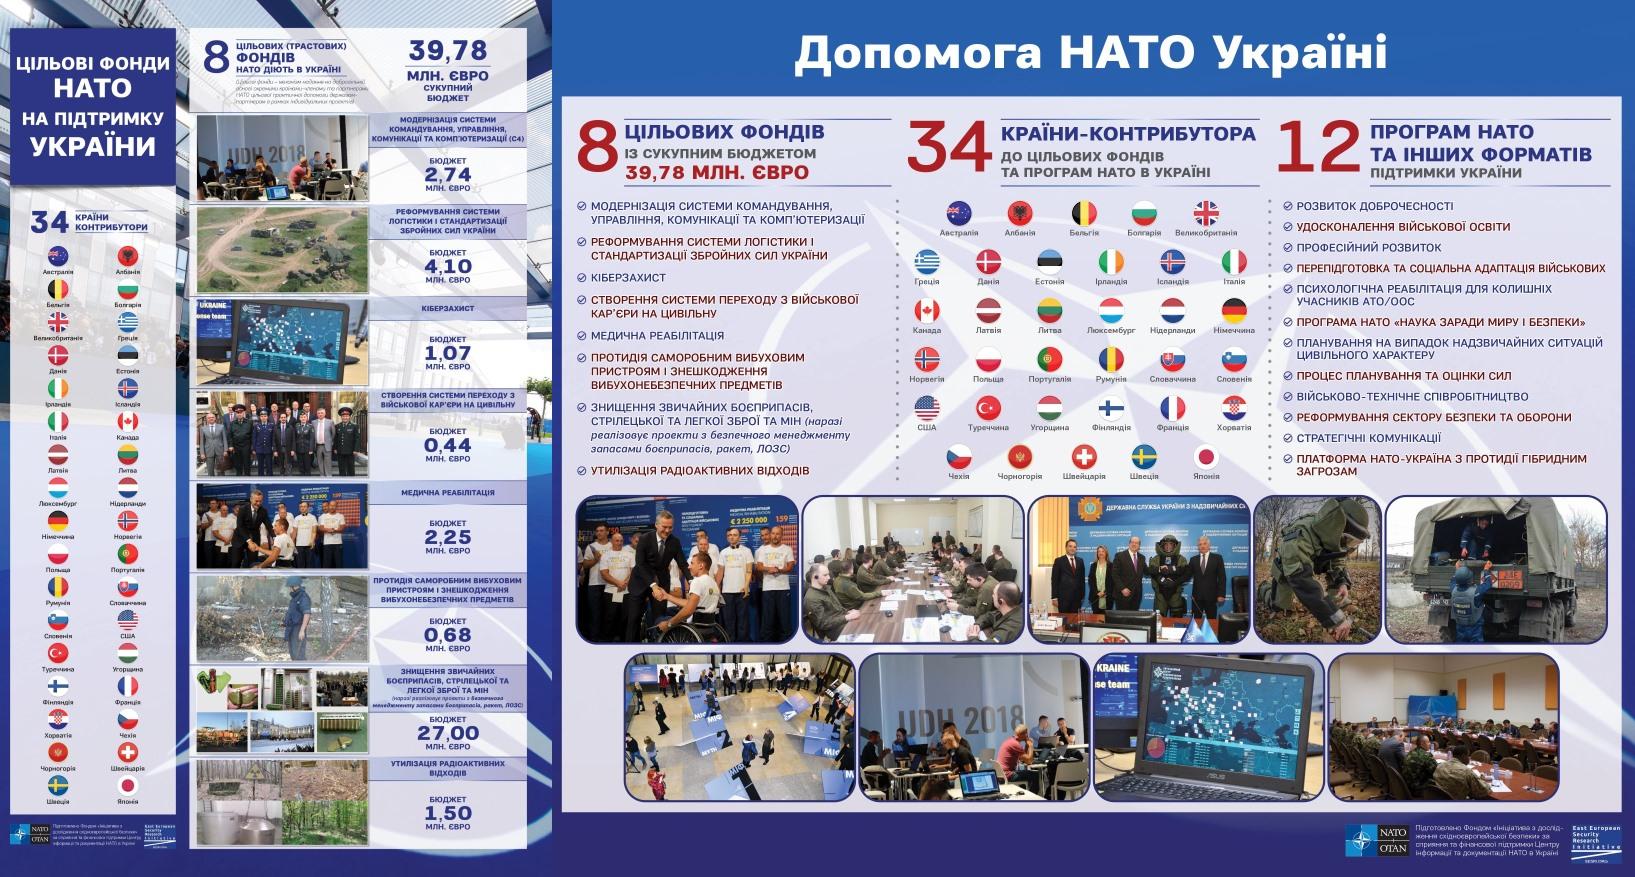 Допомога НАТО Україні: факти та інфографіка